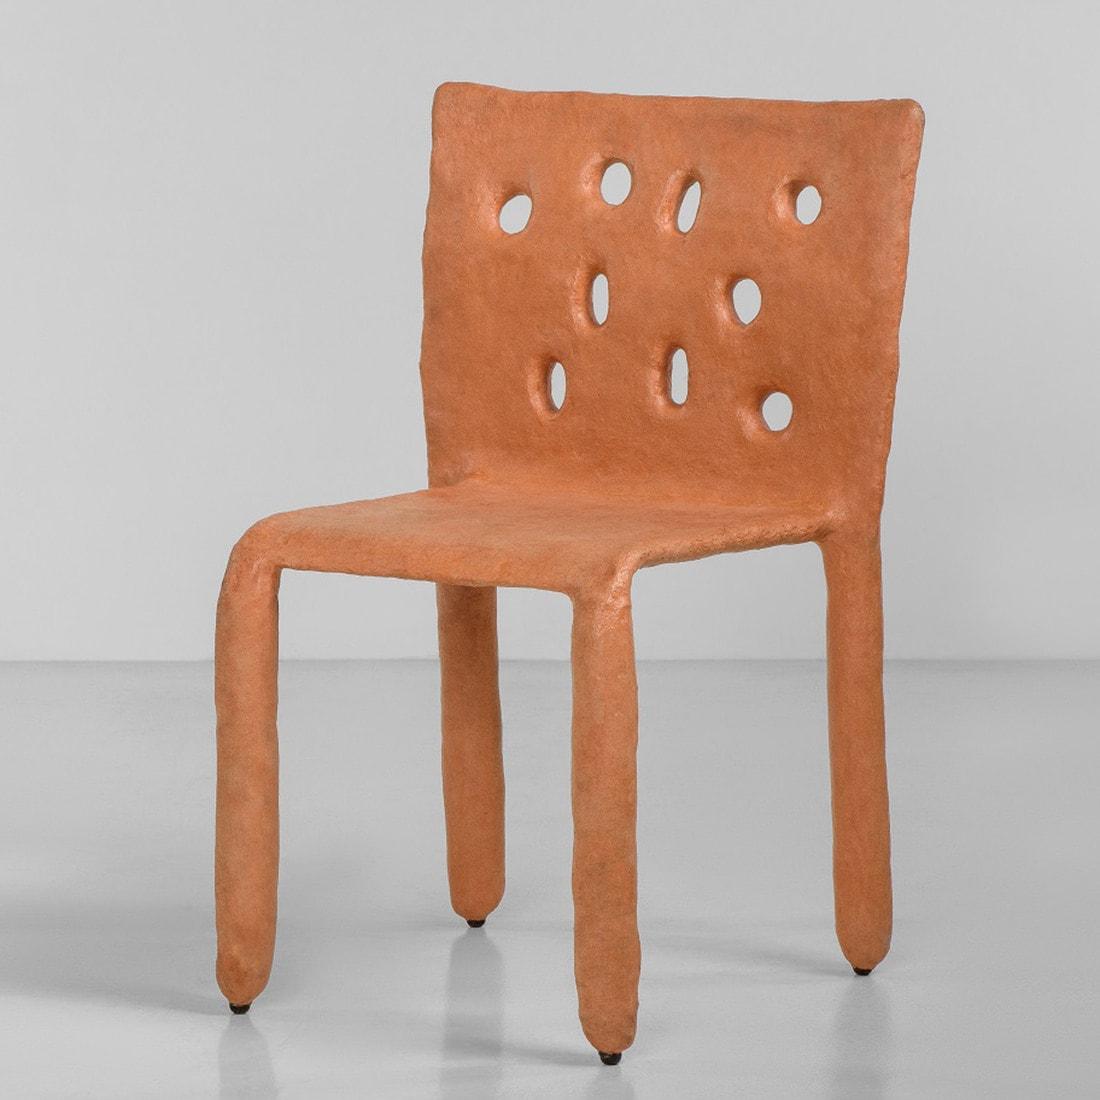 Мебель «из теста» украинского дизайнера и архитектора Виктории Якуши